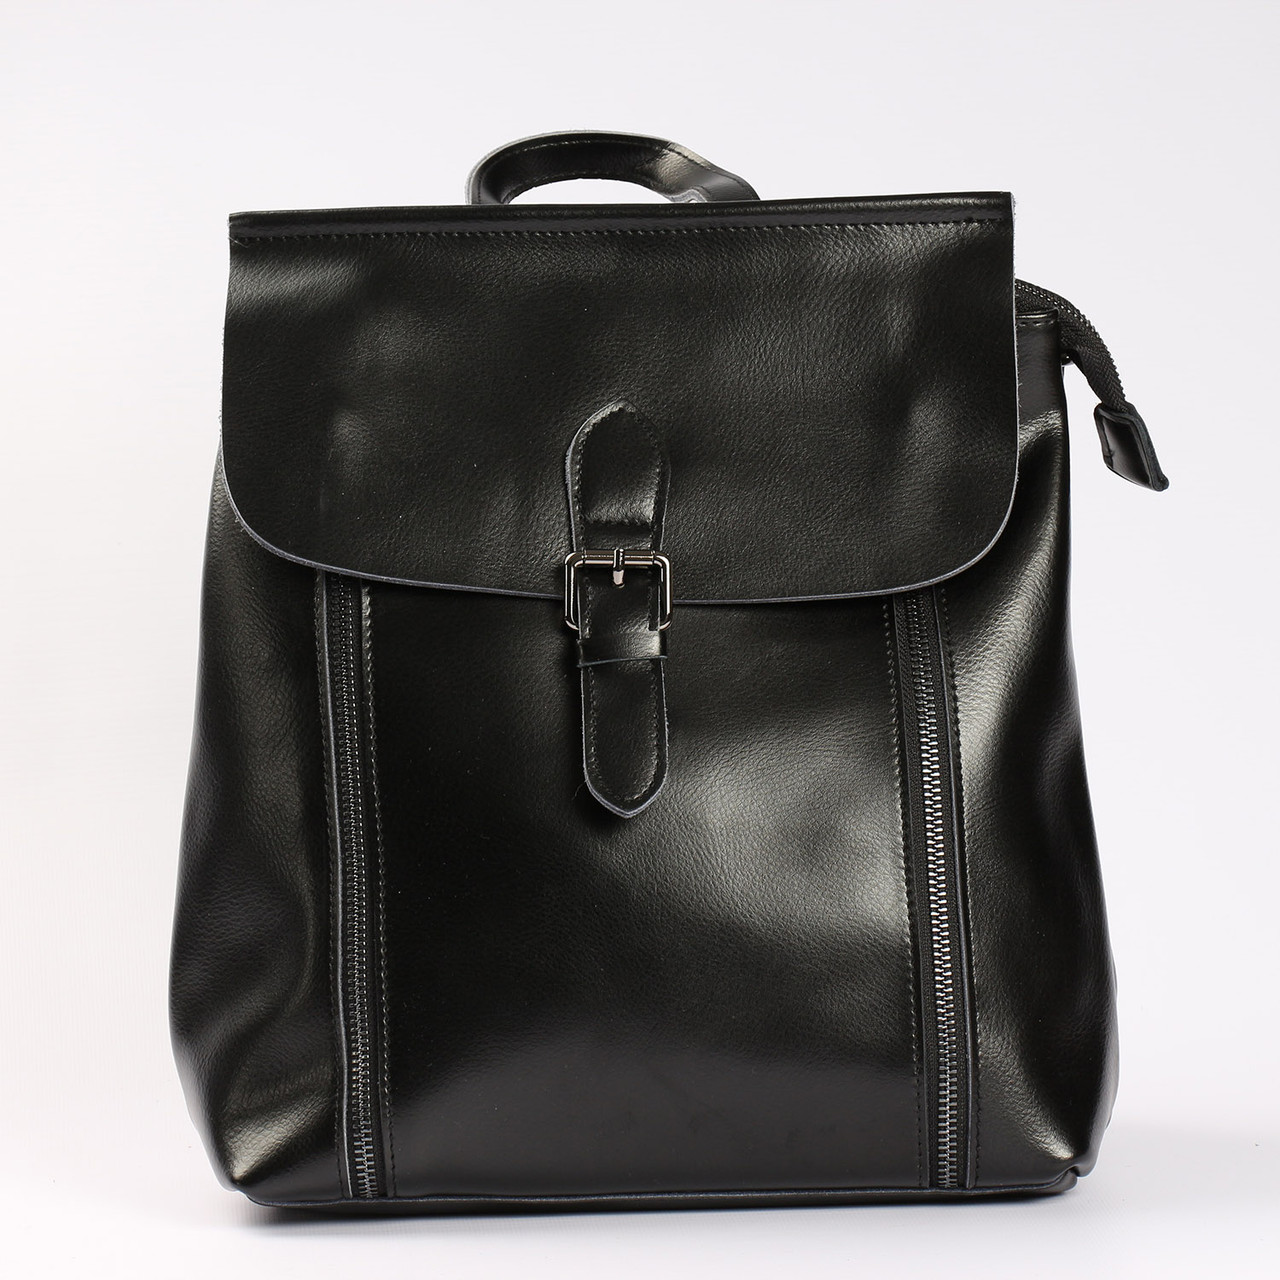 4fcdbfd2af3a Женский кожаный рюкзак-сумка (трансформер) на каждый день, черный